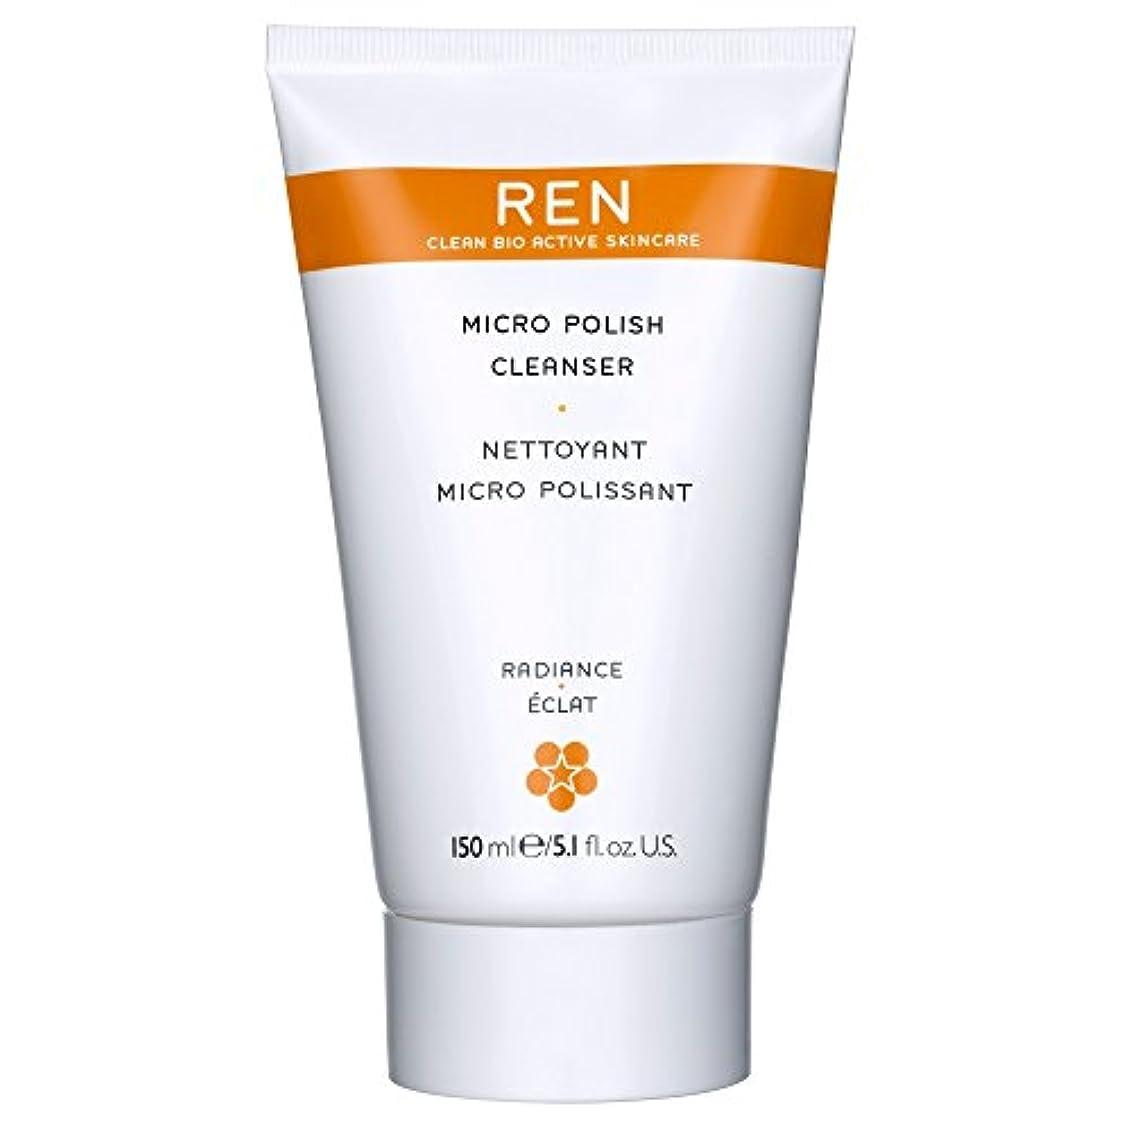 物語免除そのRenミルコ磨きクレンザー、150ミリリットル (REN) (x2) - REN Mirco Polish Cleanser, 150ml (Pack of 2) [並行輸入品]